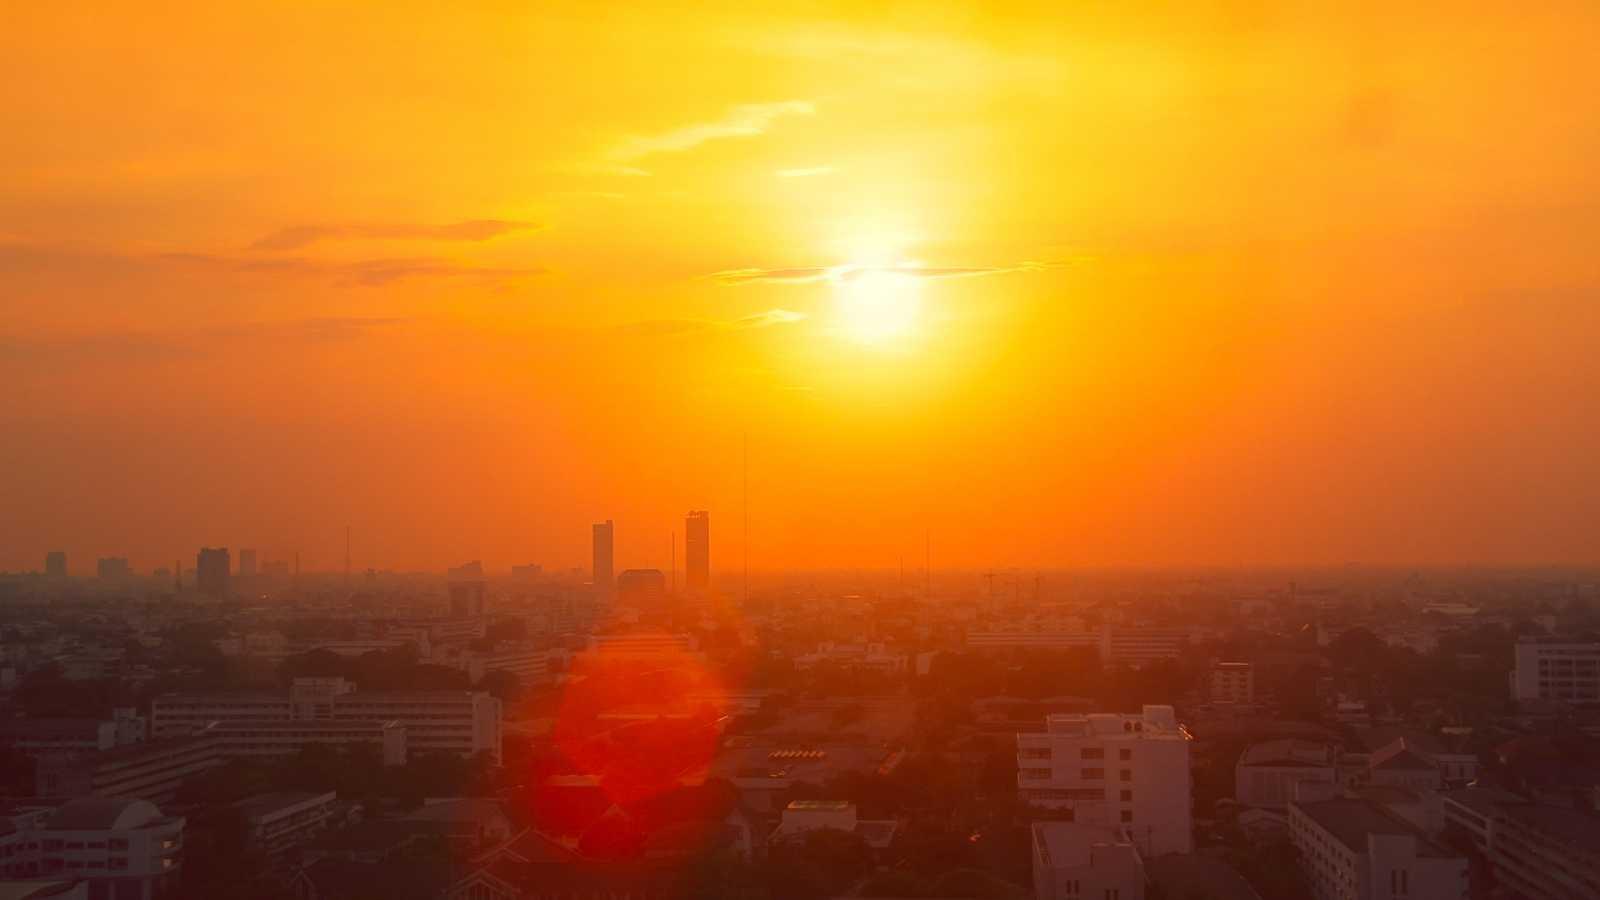 El próximo lustro seguirá batiendo récords de calor